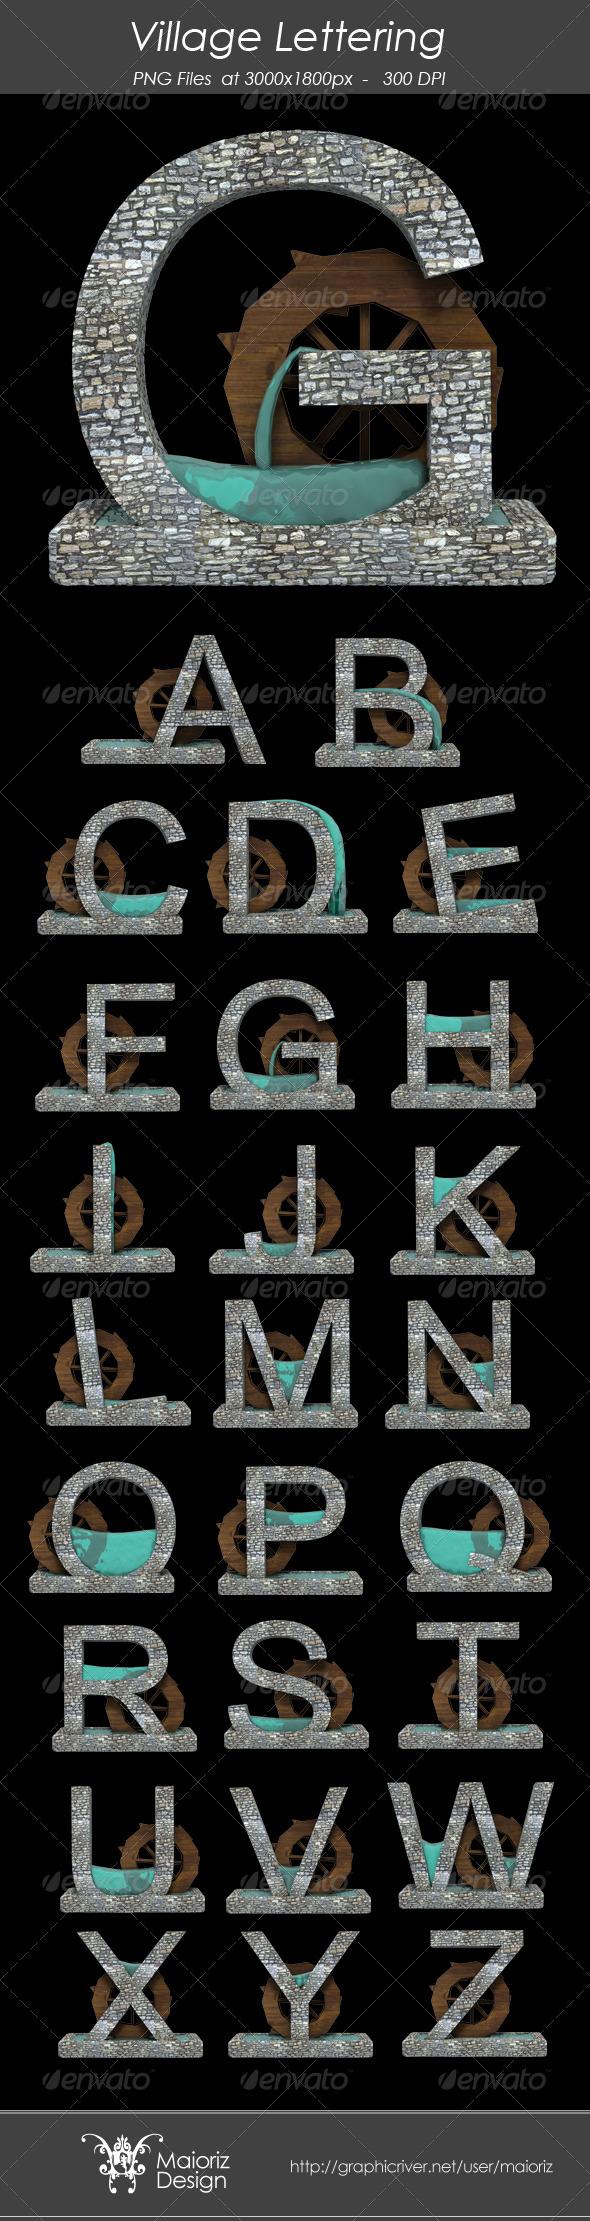 Village Lettering - Text 3D Renders